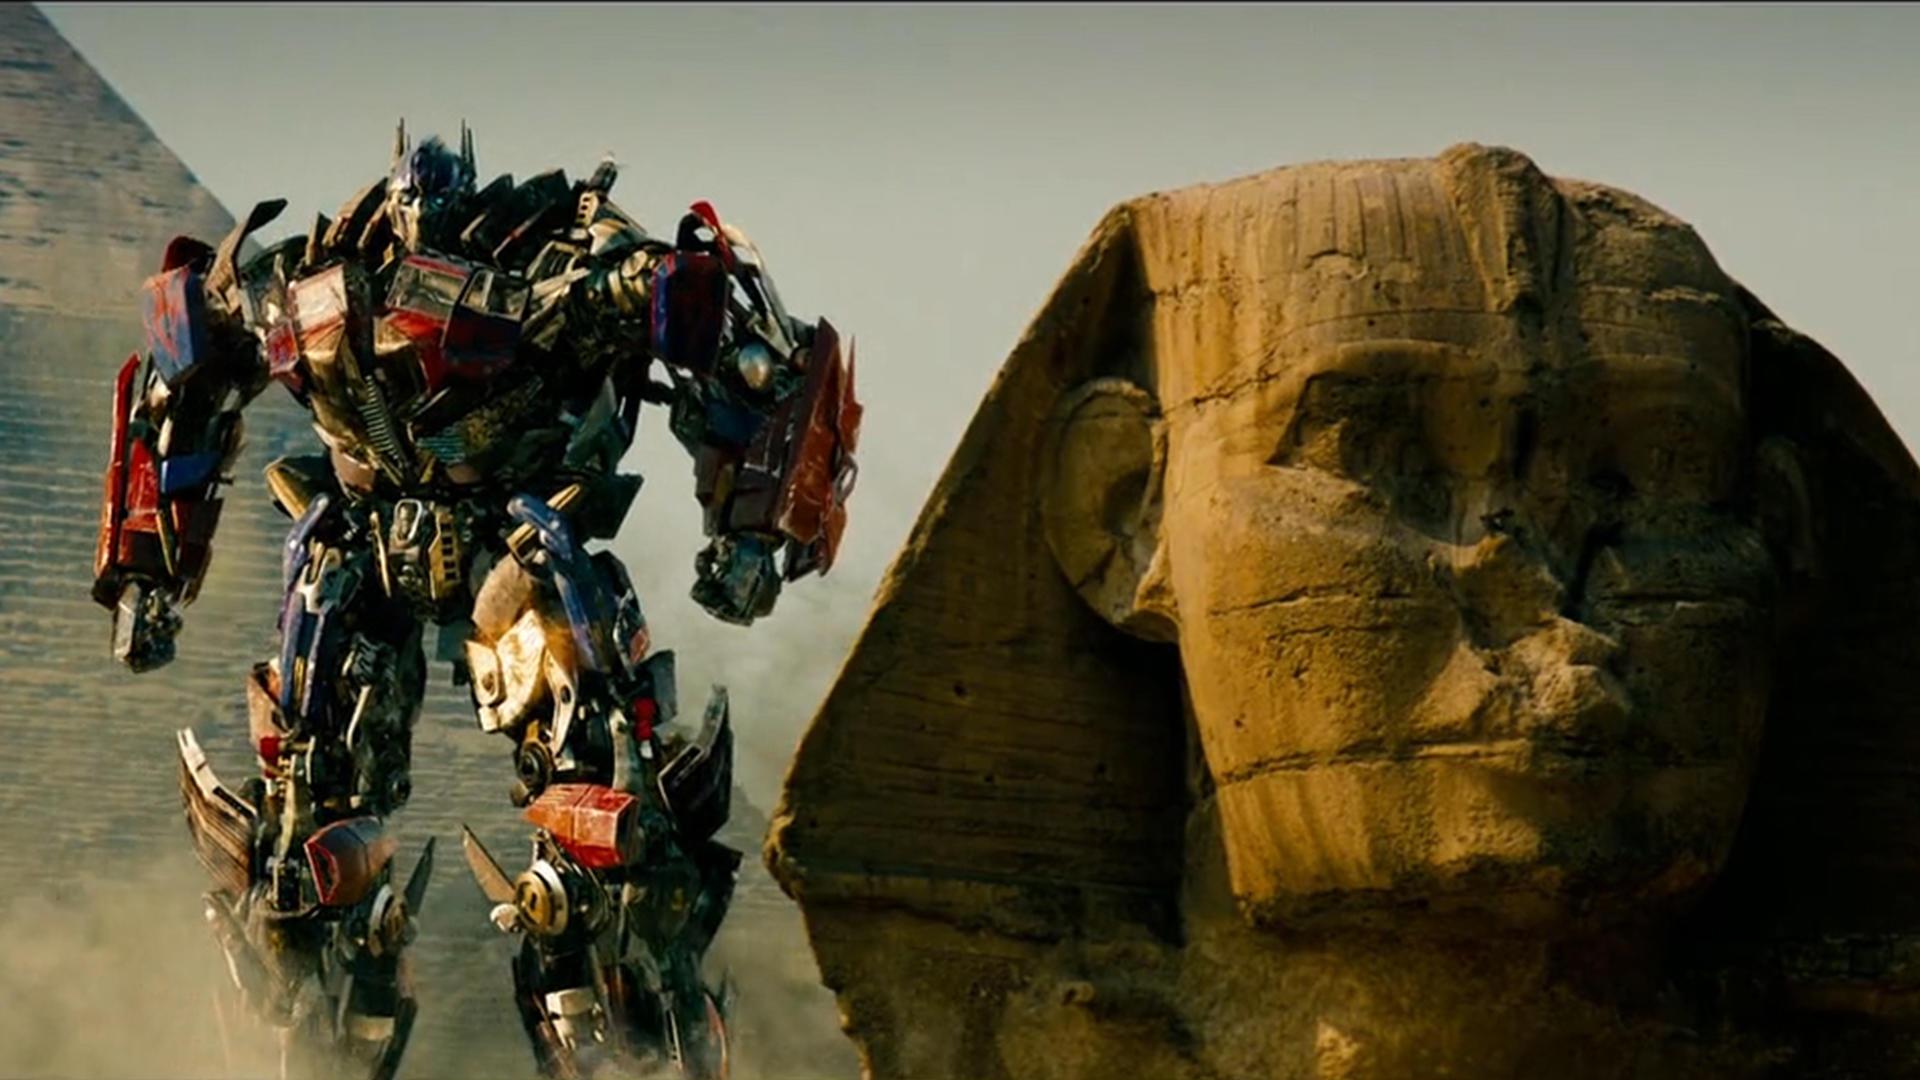 #电影最前线#埃及金字塔竟是变形金刚建造的,几分钟回顾变形金刚2时间线